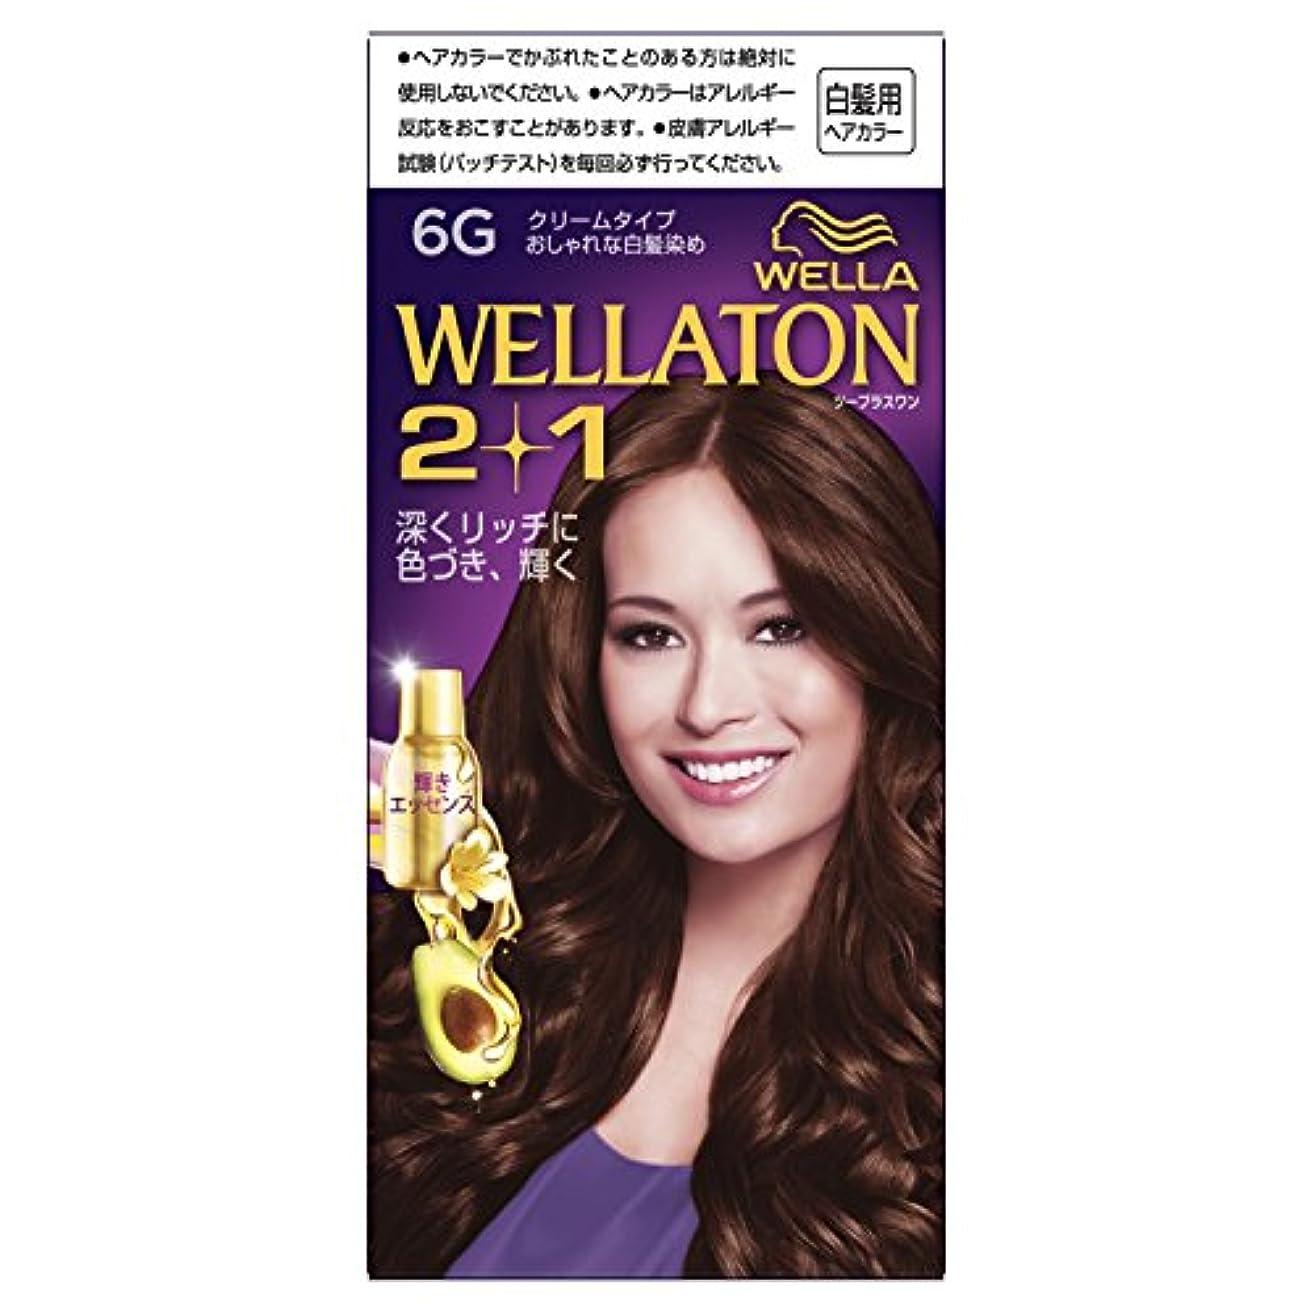 メジャー飛び込む関連するウエラトーン2+1 クリームタイプ 6G [医薬部外品](おしゃれな白髪染め)